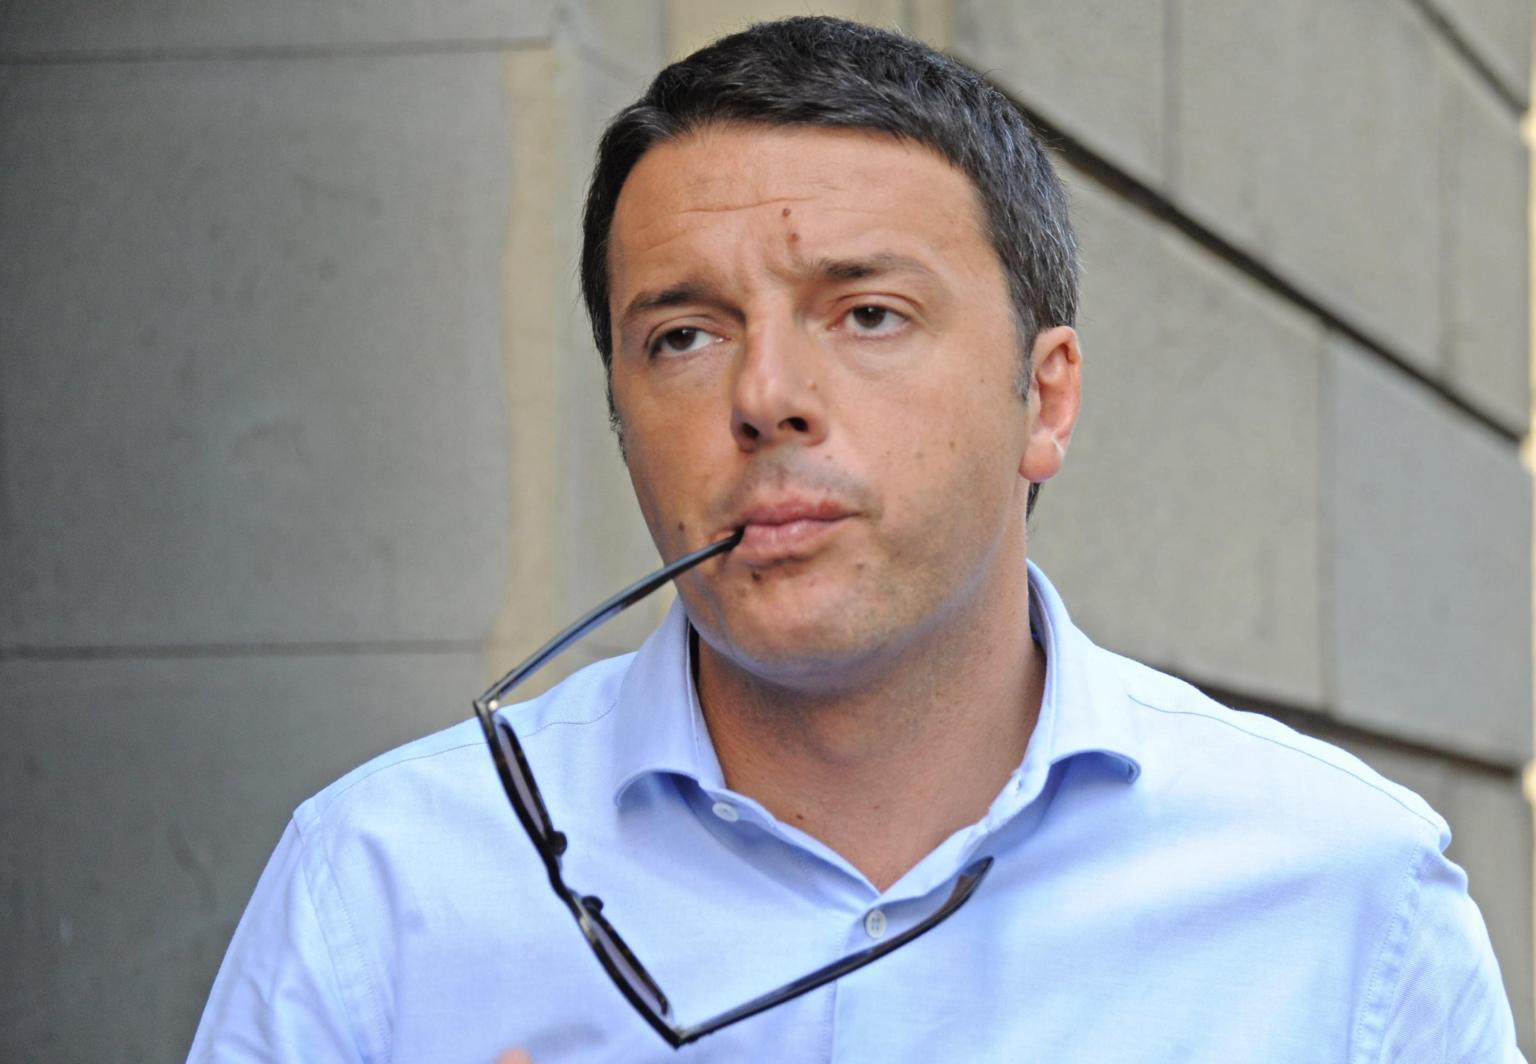 Renzi-e-Van-Rompuy- presenteranno-documento-condiviso-al-consiglio-europeo-26-giugno